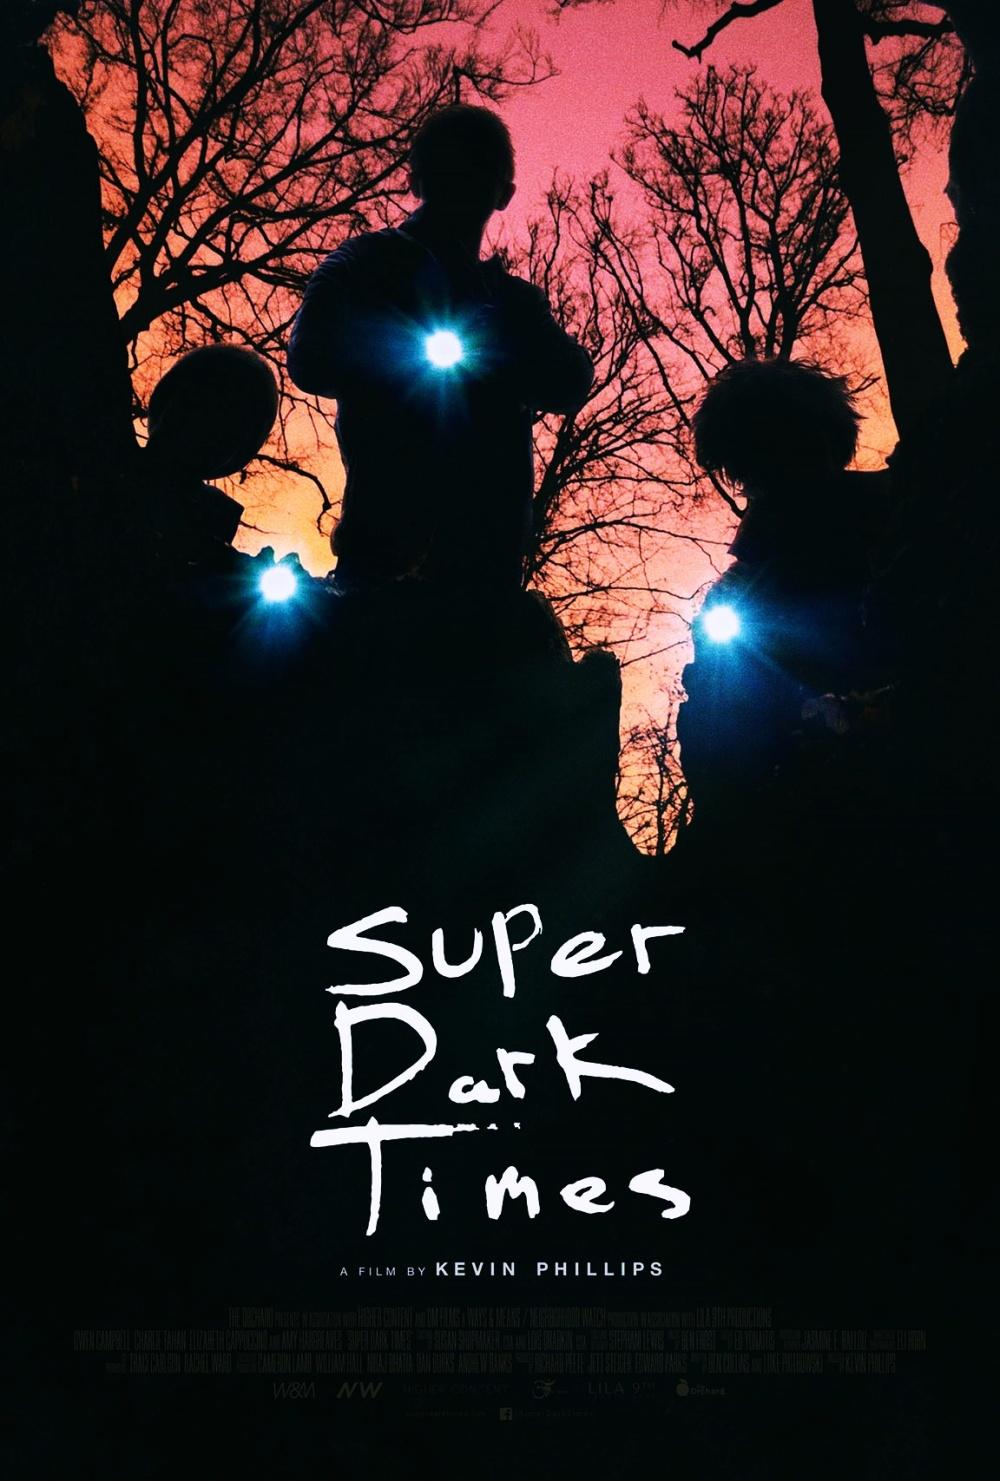 SuperDarkTimes